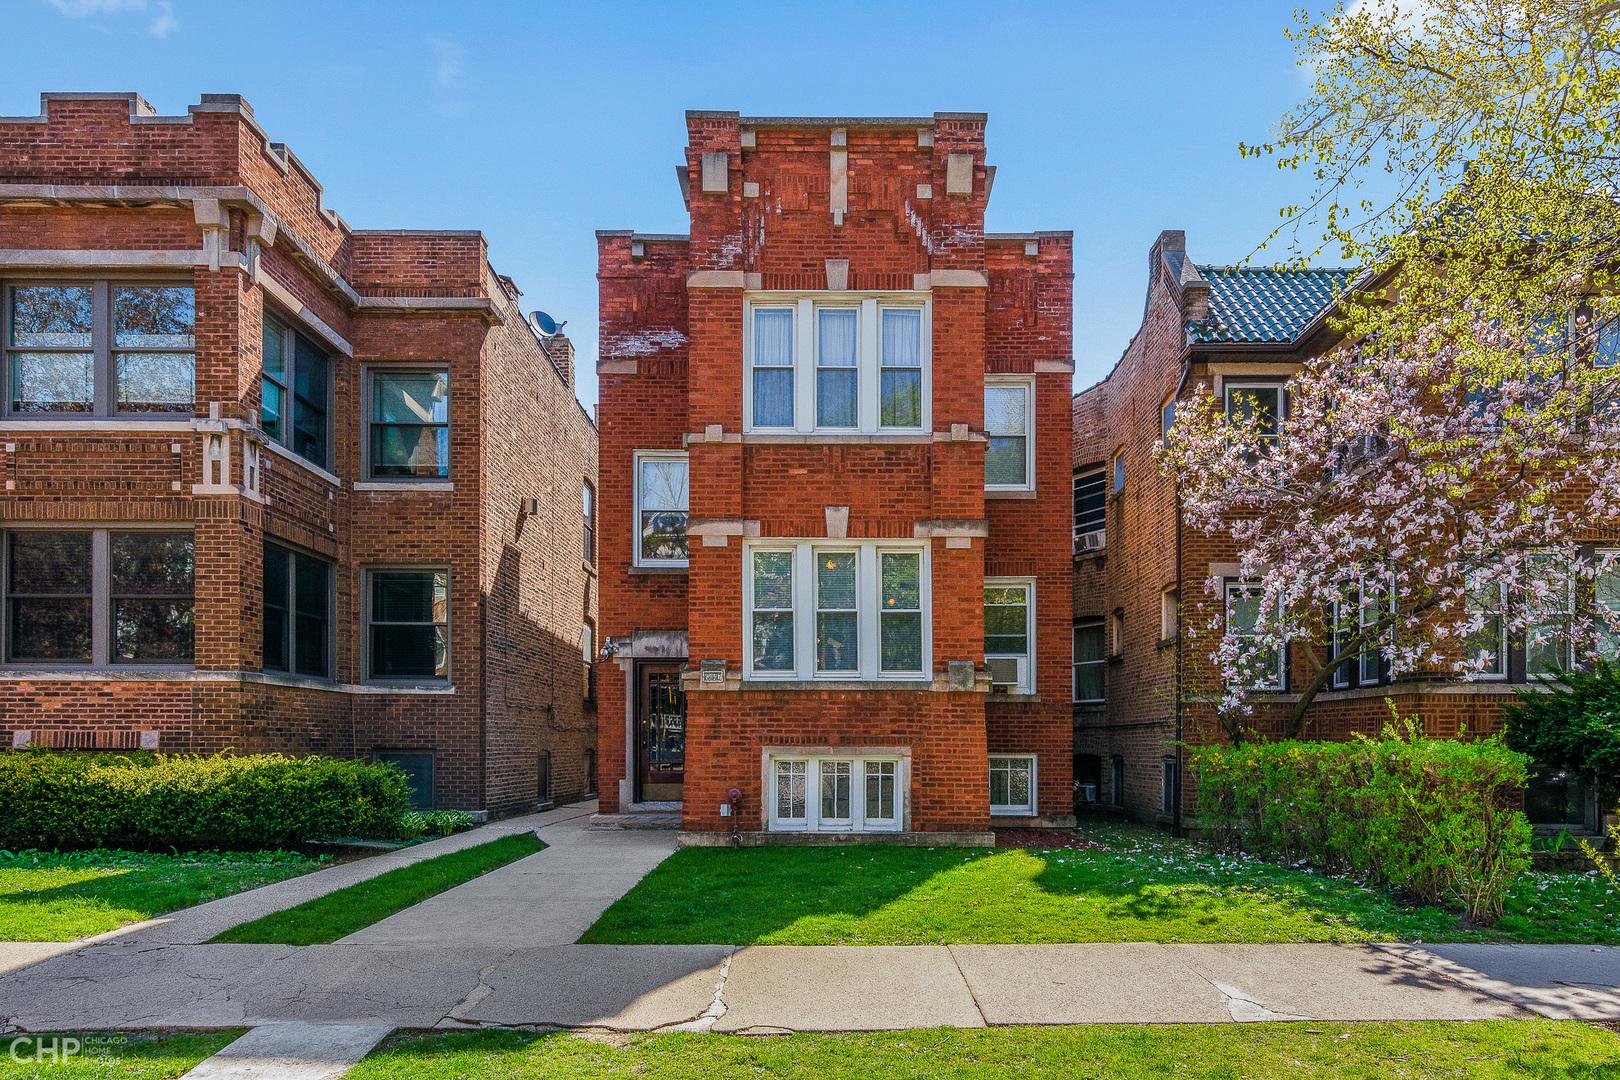 6447 North Glenwood Avenue, Rogers Park, Illinois